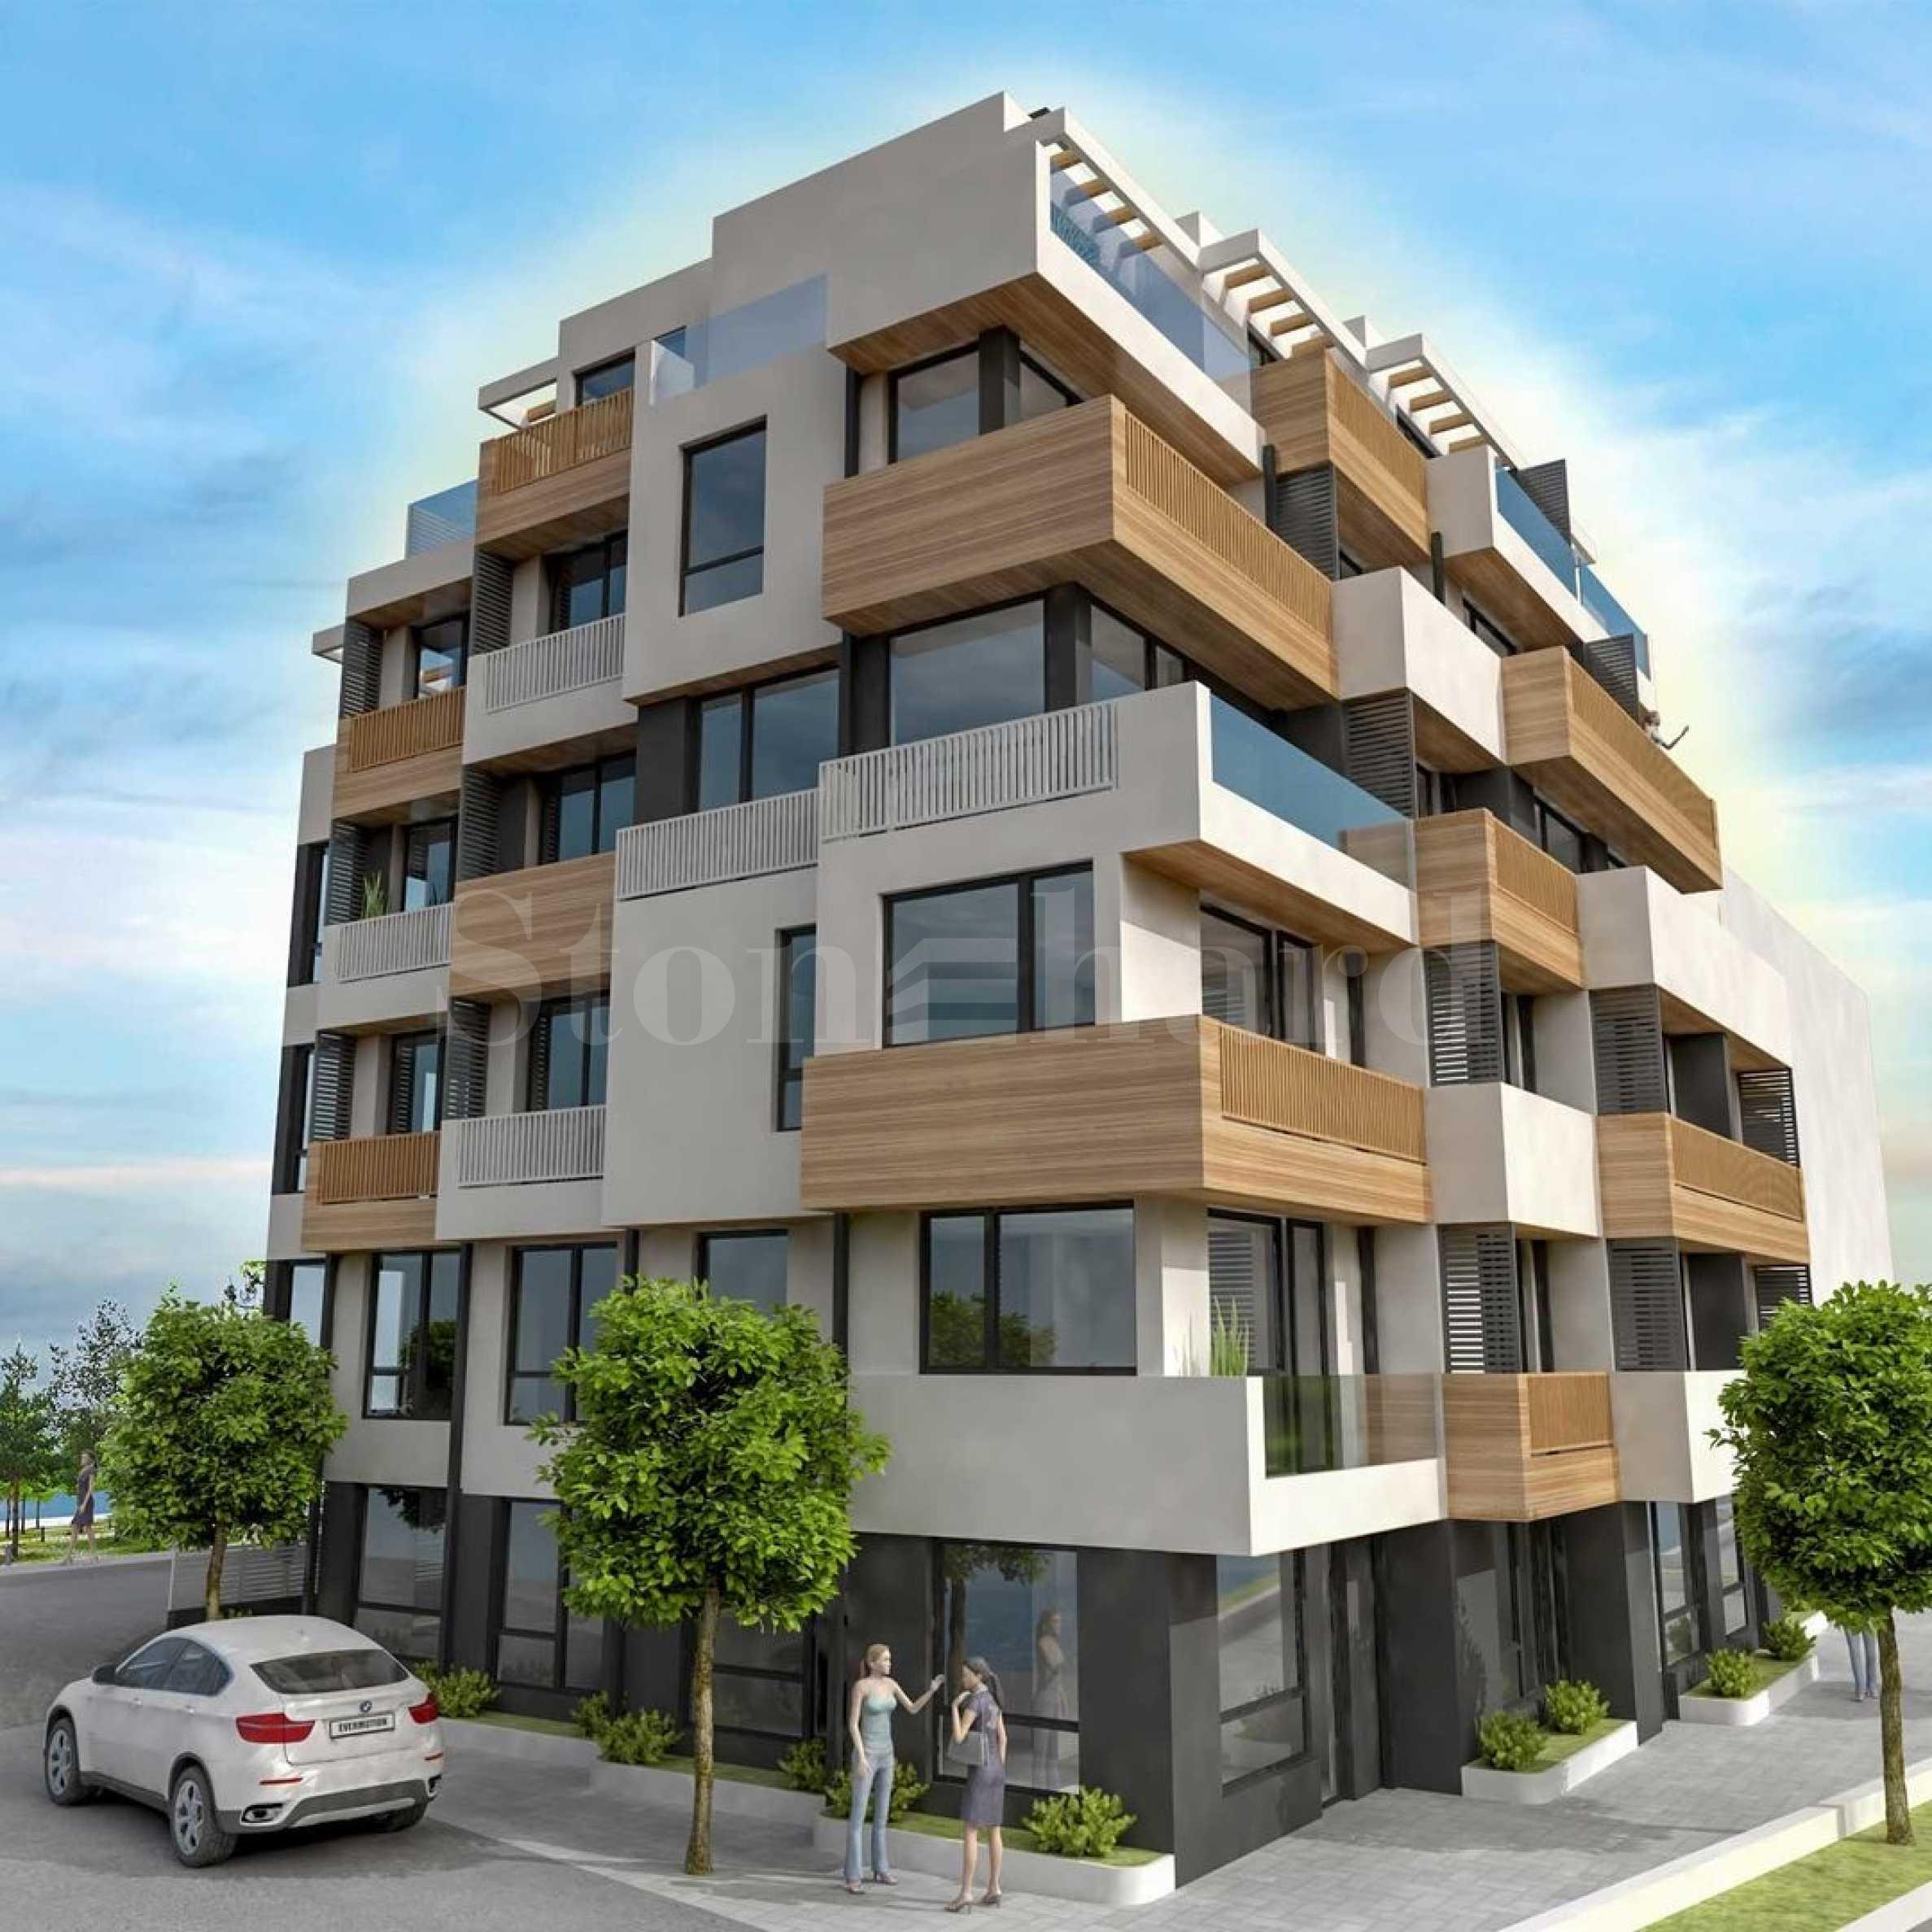 Нова бутикова сграда в кв. Бриз 1 - Stonehard